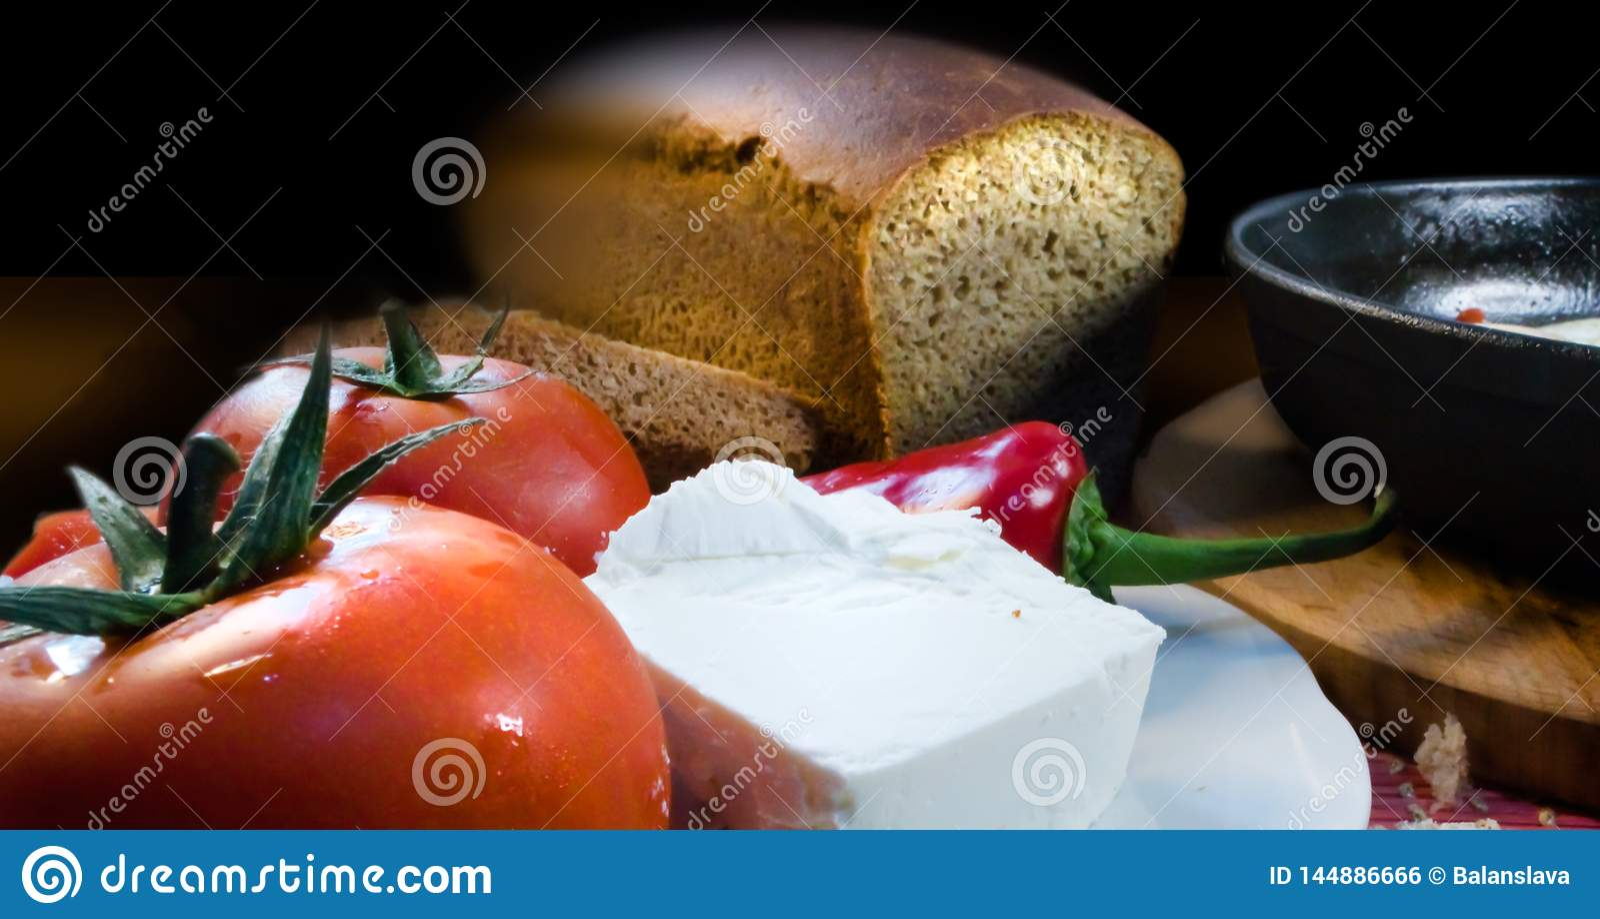 Przedpole z pomidorami, serem, pieprzem, chlebem i smaży niecką,